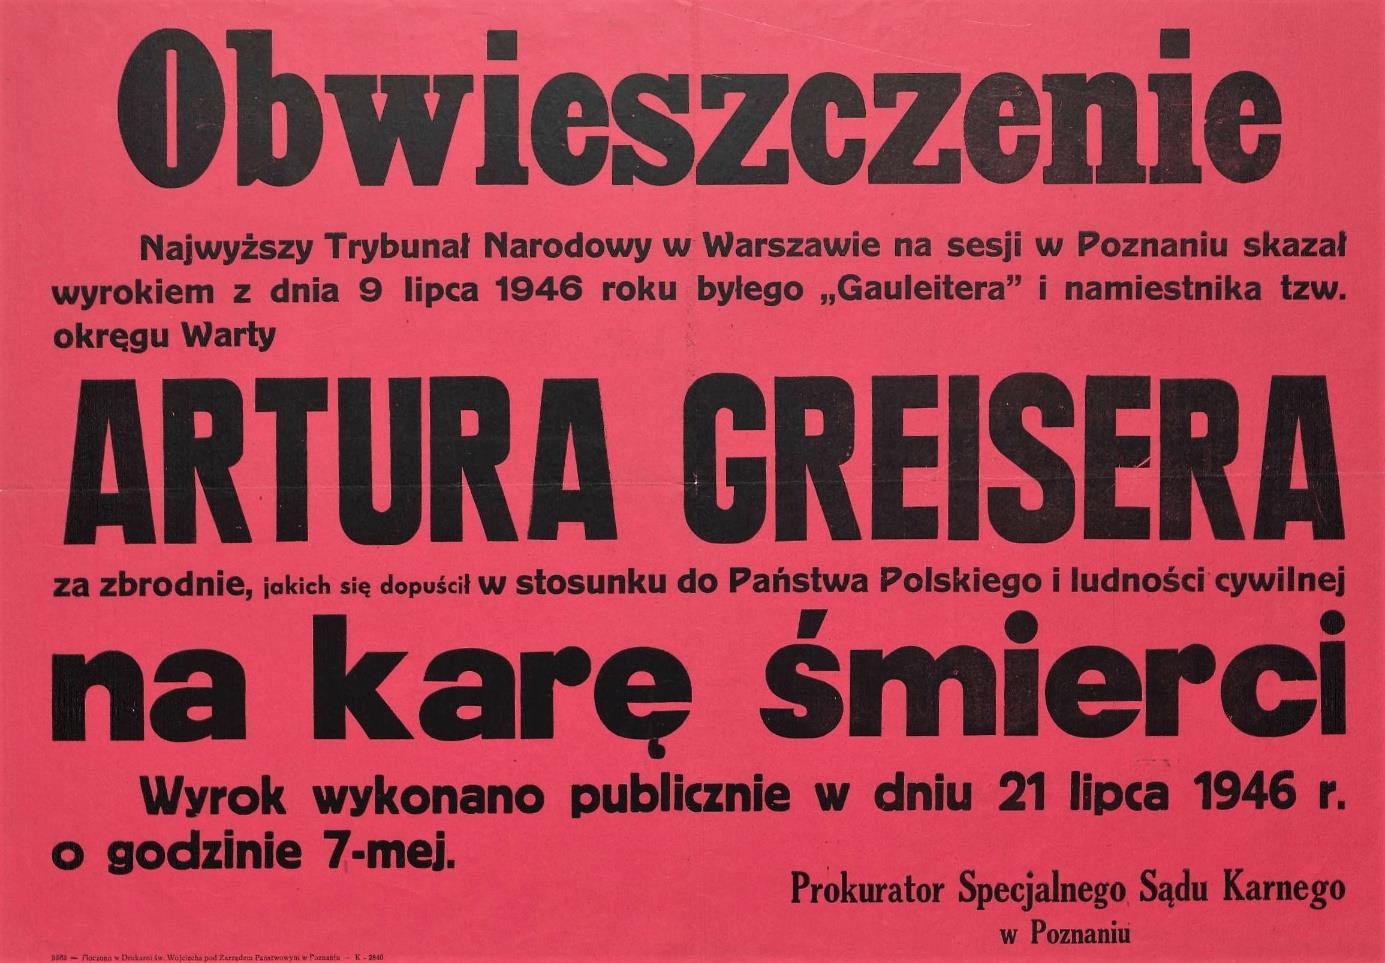 Fot. 2. Obwieszczenie o wykonaniu kary śmierci. Źródło: I.Z. Dok V – 30.